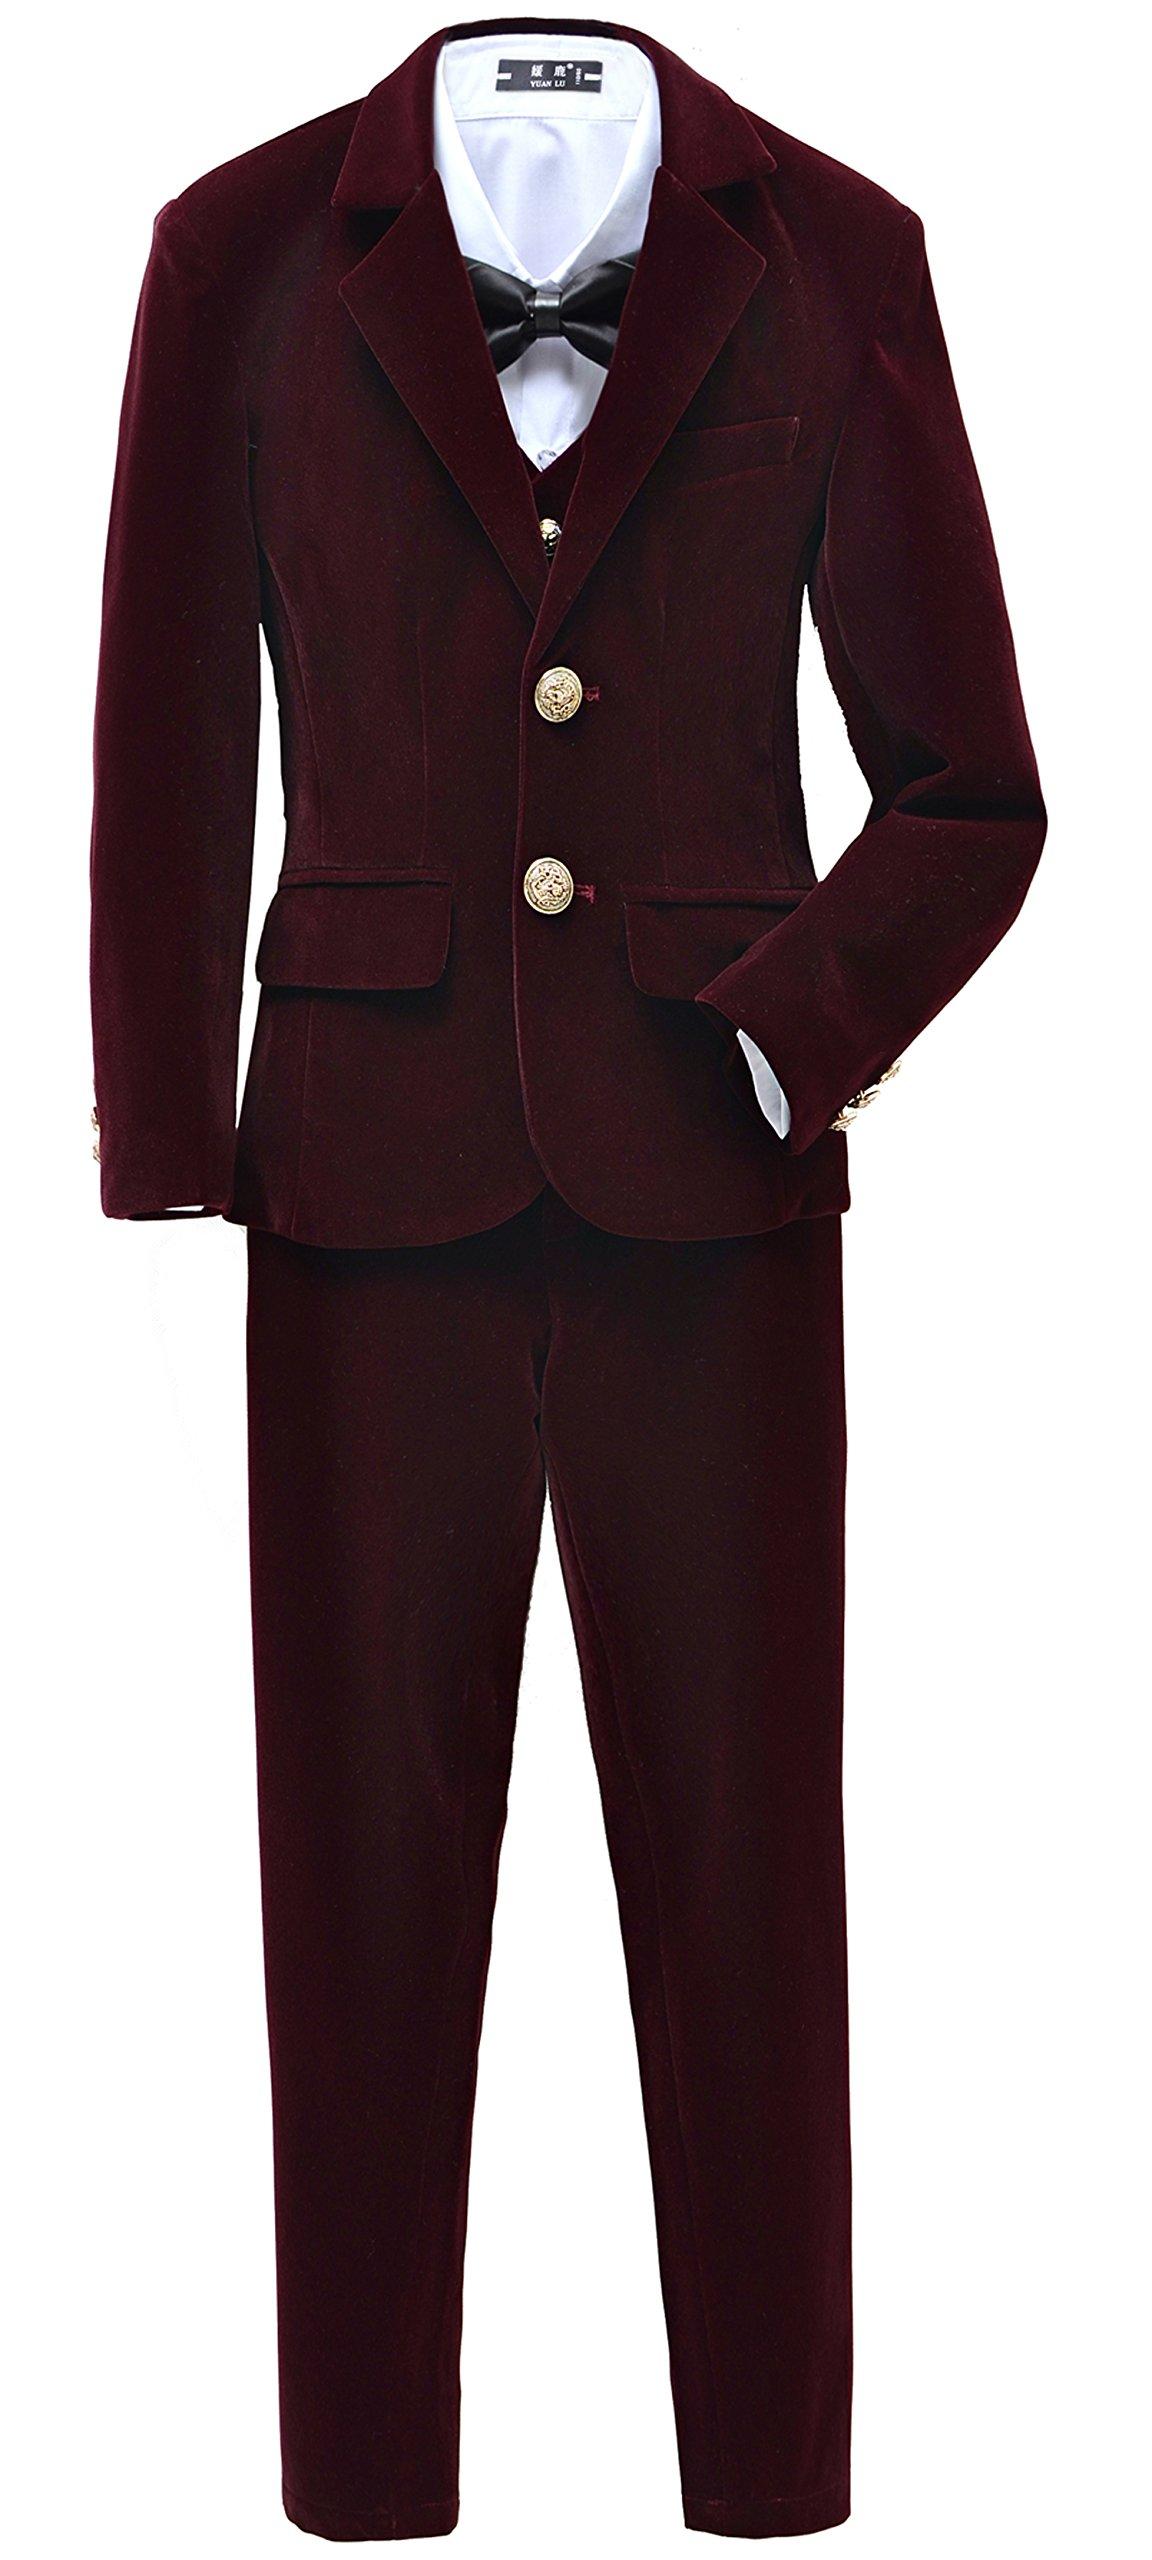 Yuanlu Boys Velvet Suits 5 Piece Slim Fit Dress Suit Set Size 4 Burgundy For Wedding